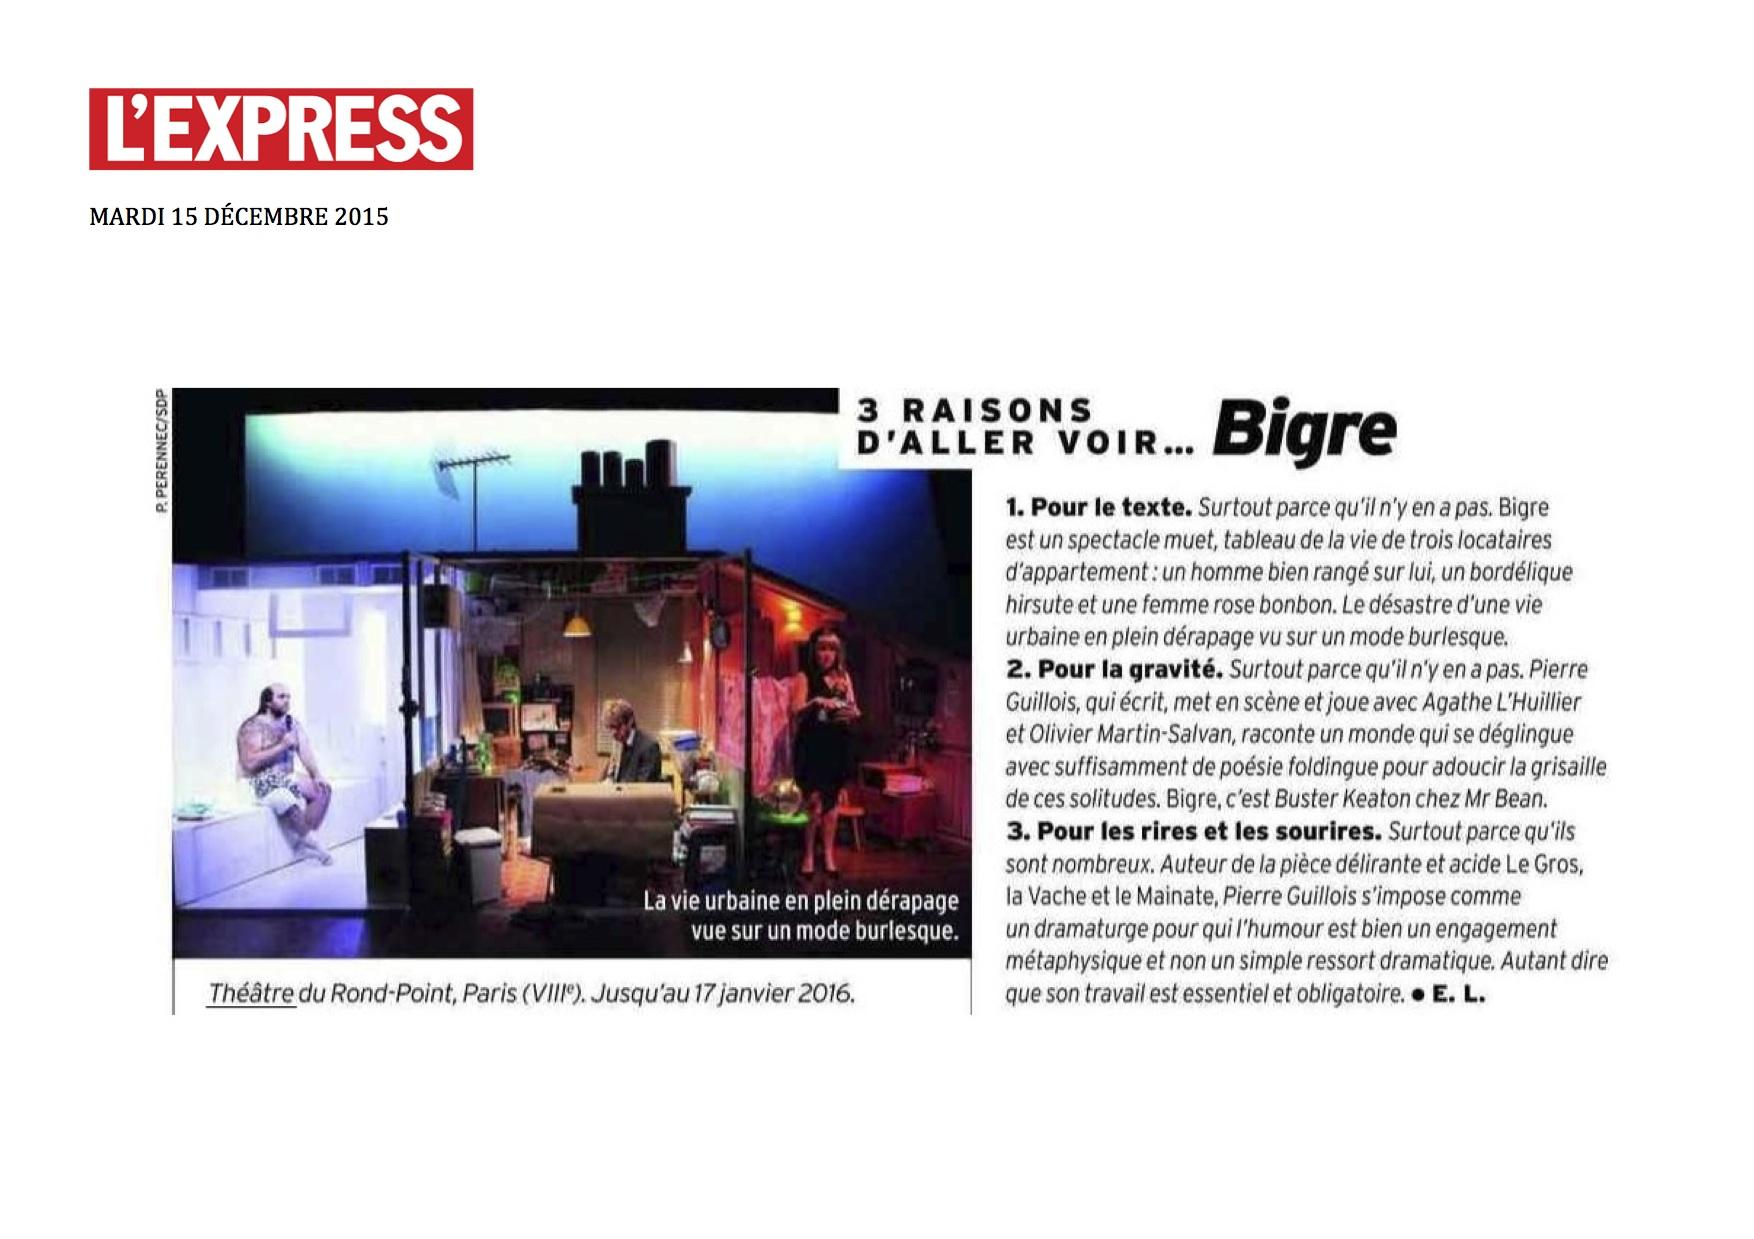 L'EXPRESS 15.12.15